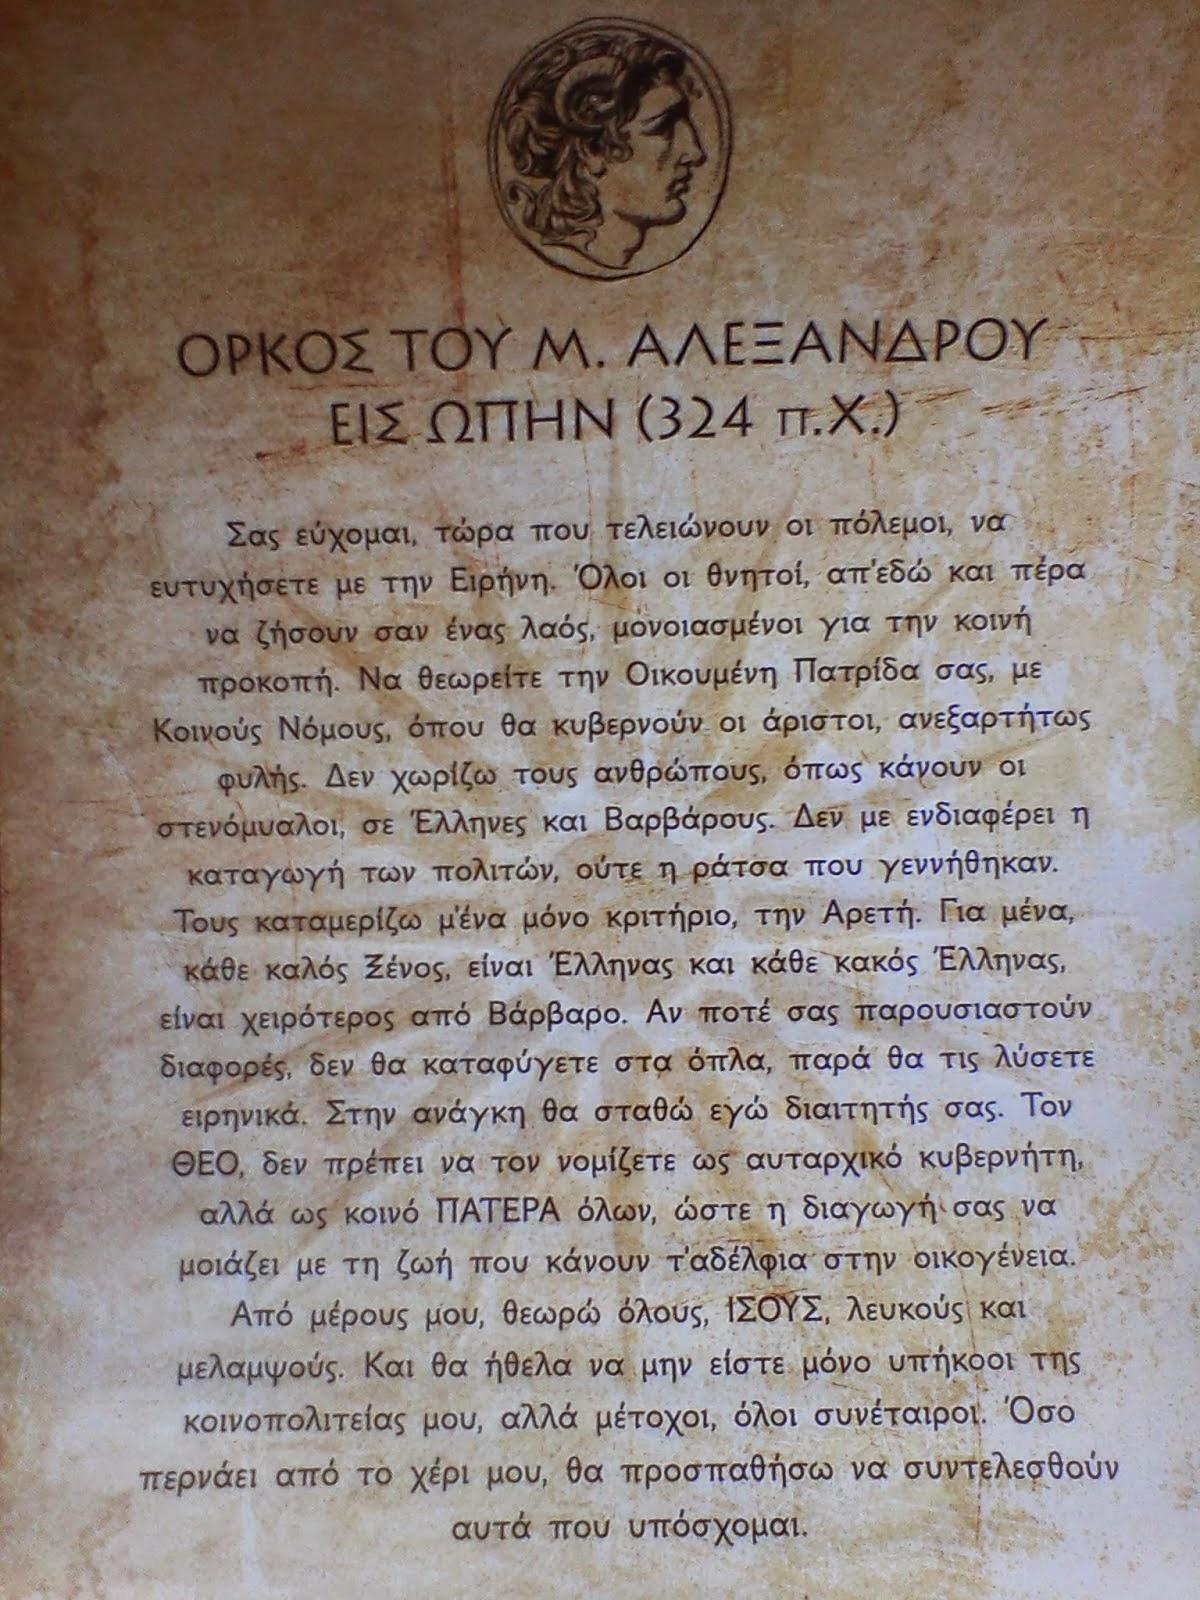 Αποκατάσταση της ιστορικής αλήθειας για τον δήθεν Όρκο του Μεγάλου Αλεξάνδρου